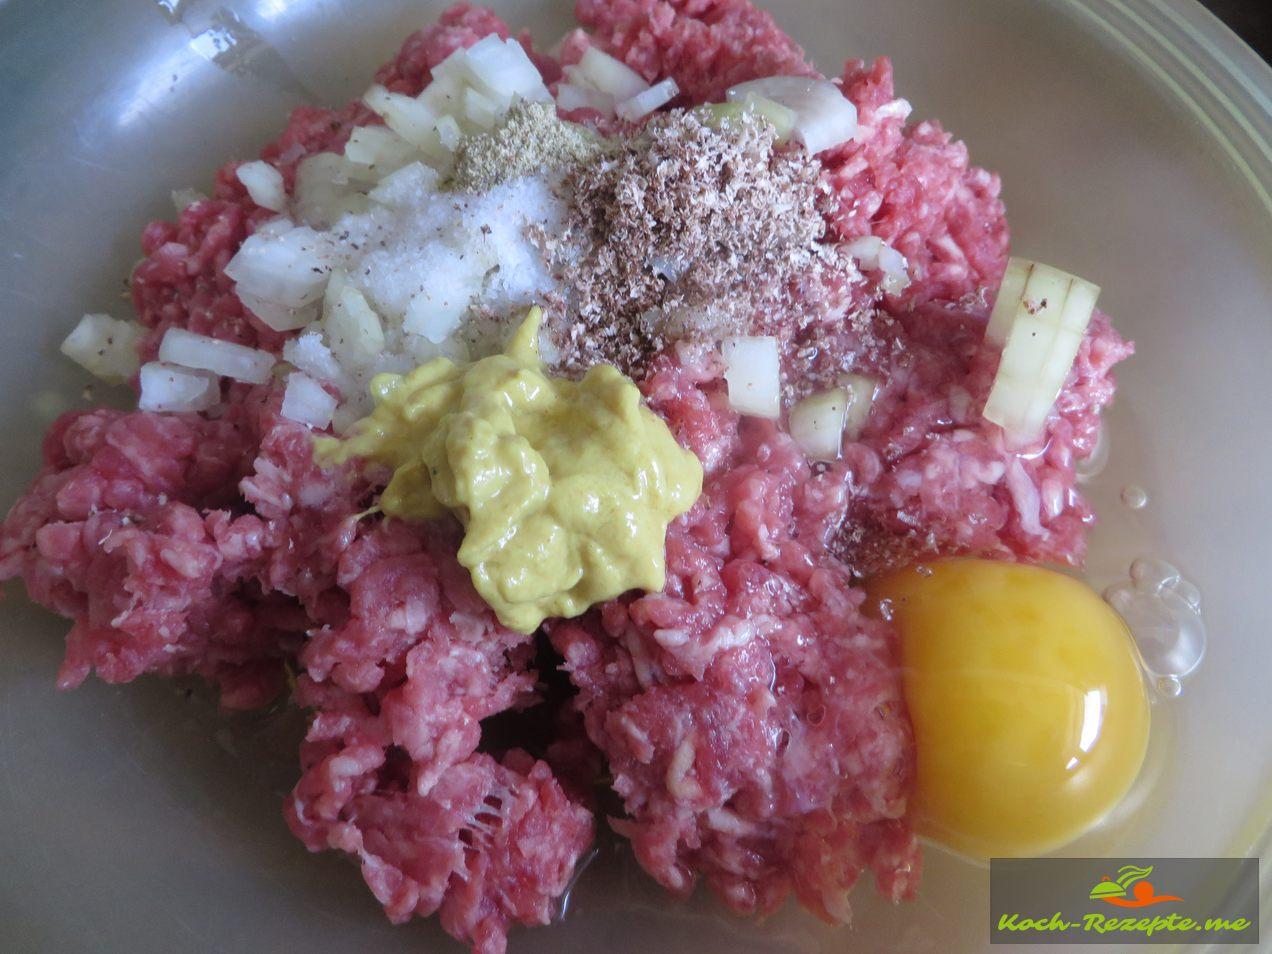 Rinderhackfleisch mit Zwiebeln,Senf Ei,Brötchen,Pfeffer,Salz, Muskatnuss, Kreuzkümmel